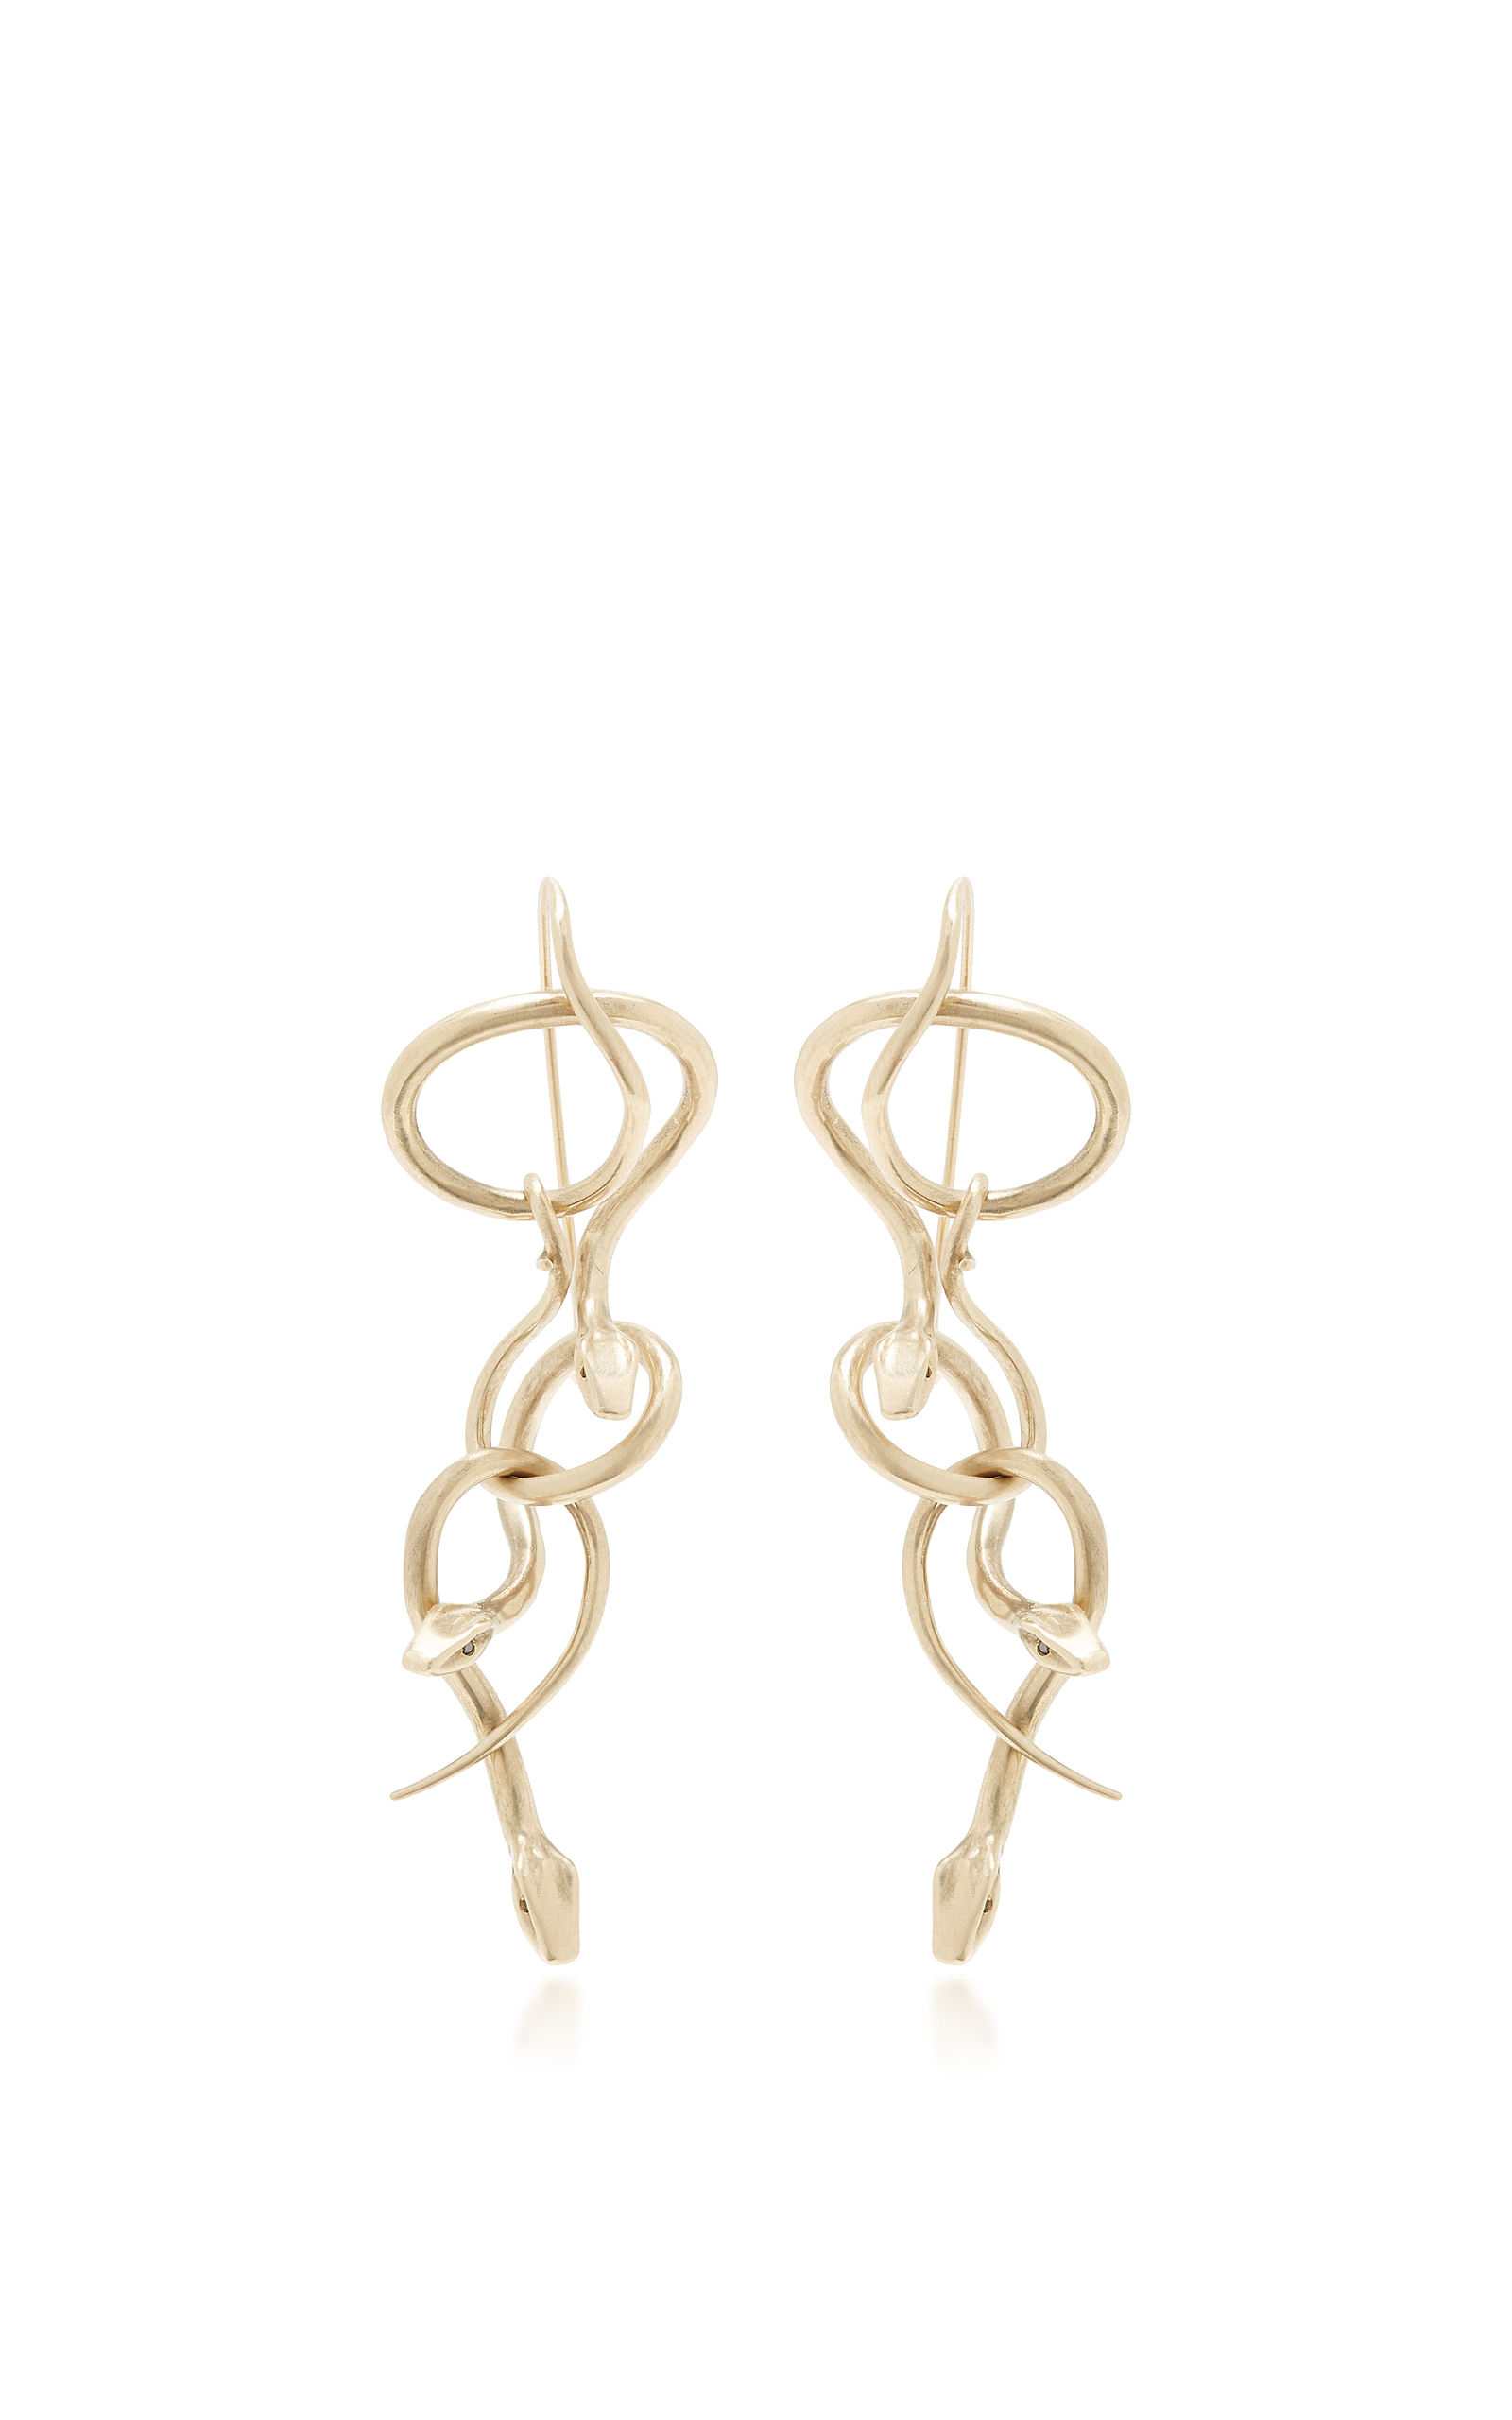 Serpent Chandelier Earrings with Black Diamond Eyes by – Black Diamond Chandelier Earrings